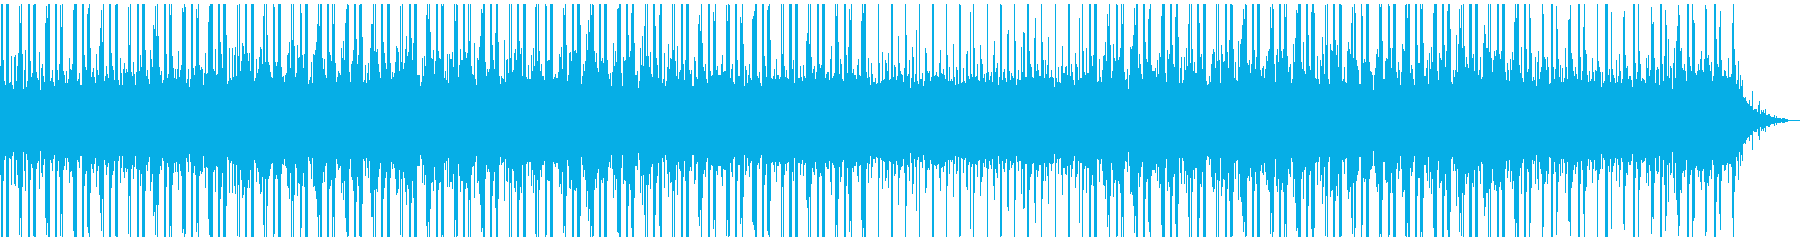 夜空・星・深夜ラジオなどに ローファイ曲の再生済みの波形